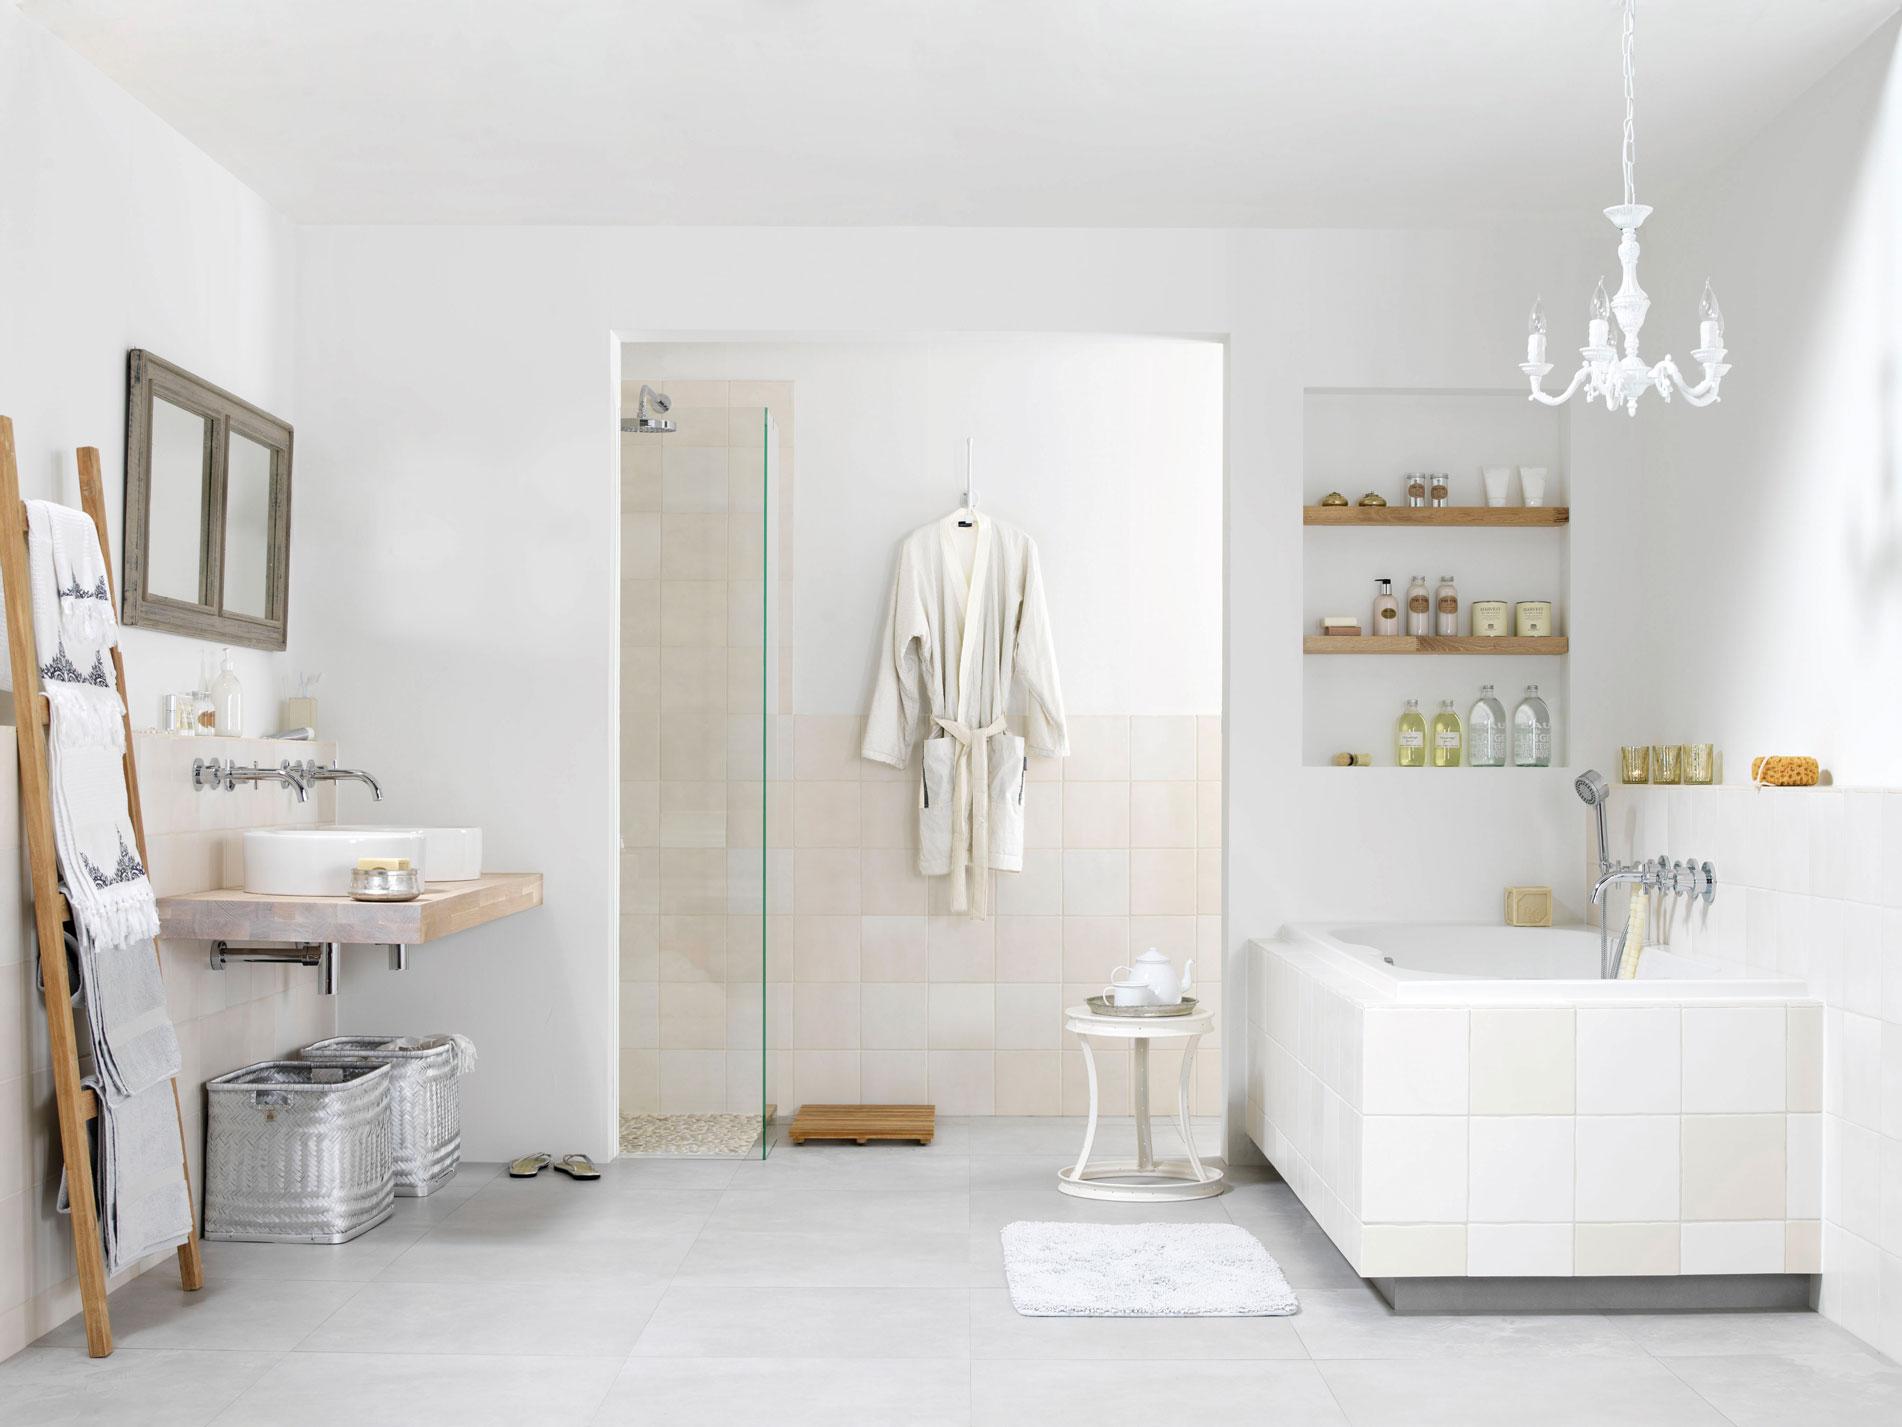 : badkamer in romantische stijl - Nieuws Startpagina voor badkamer ...